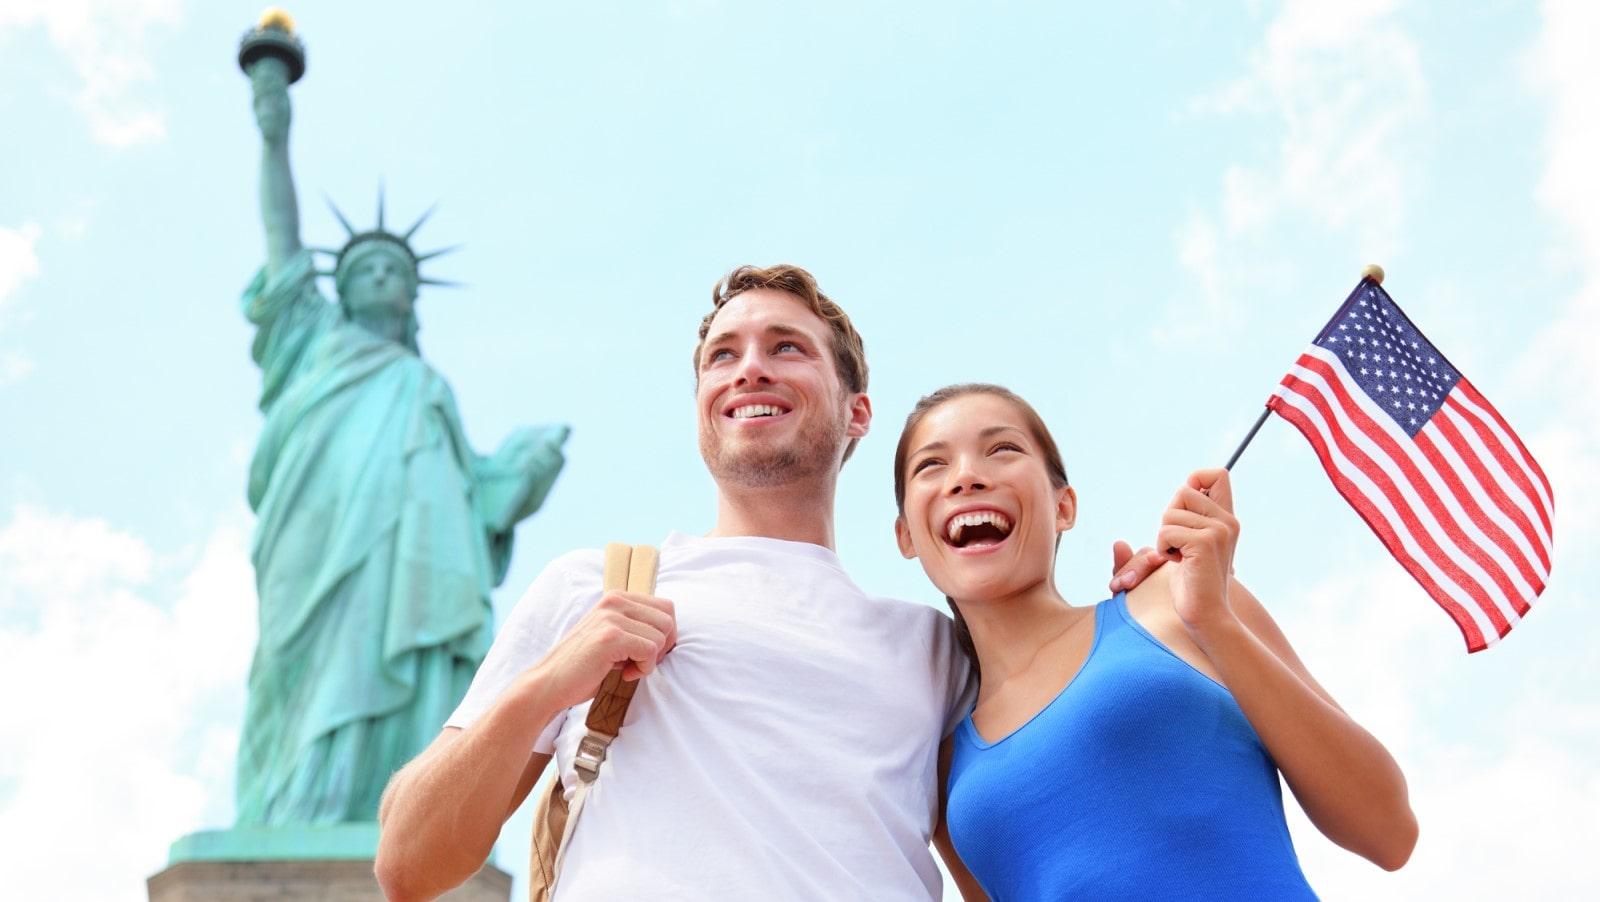 Überraschungsreise nach USA Wish&Fly Vereinigte Staaten von Amerika